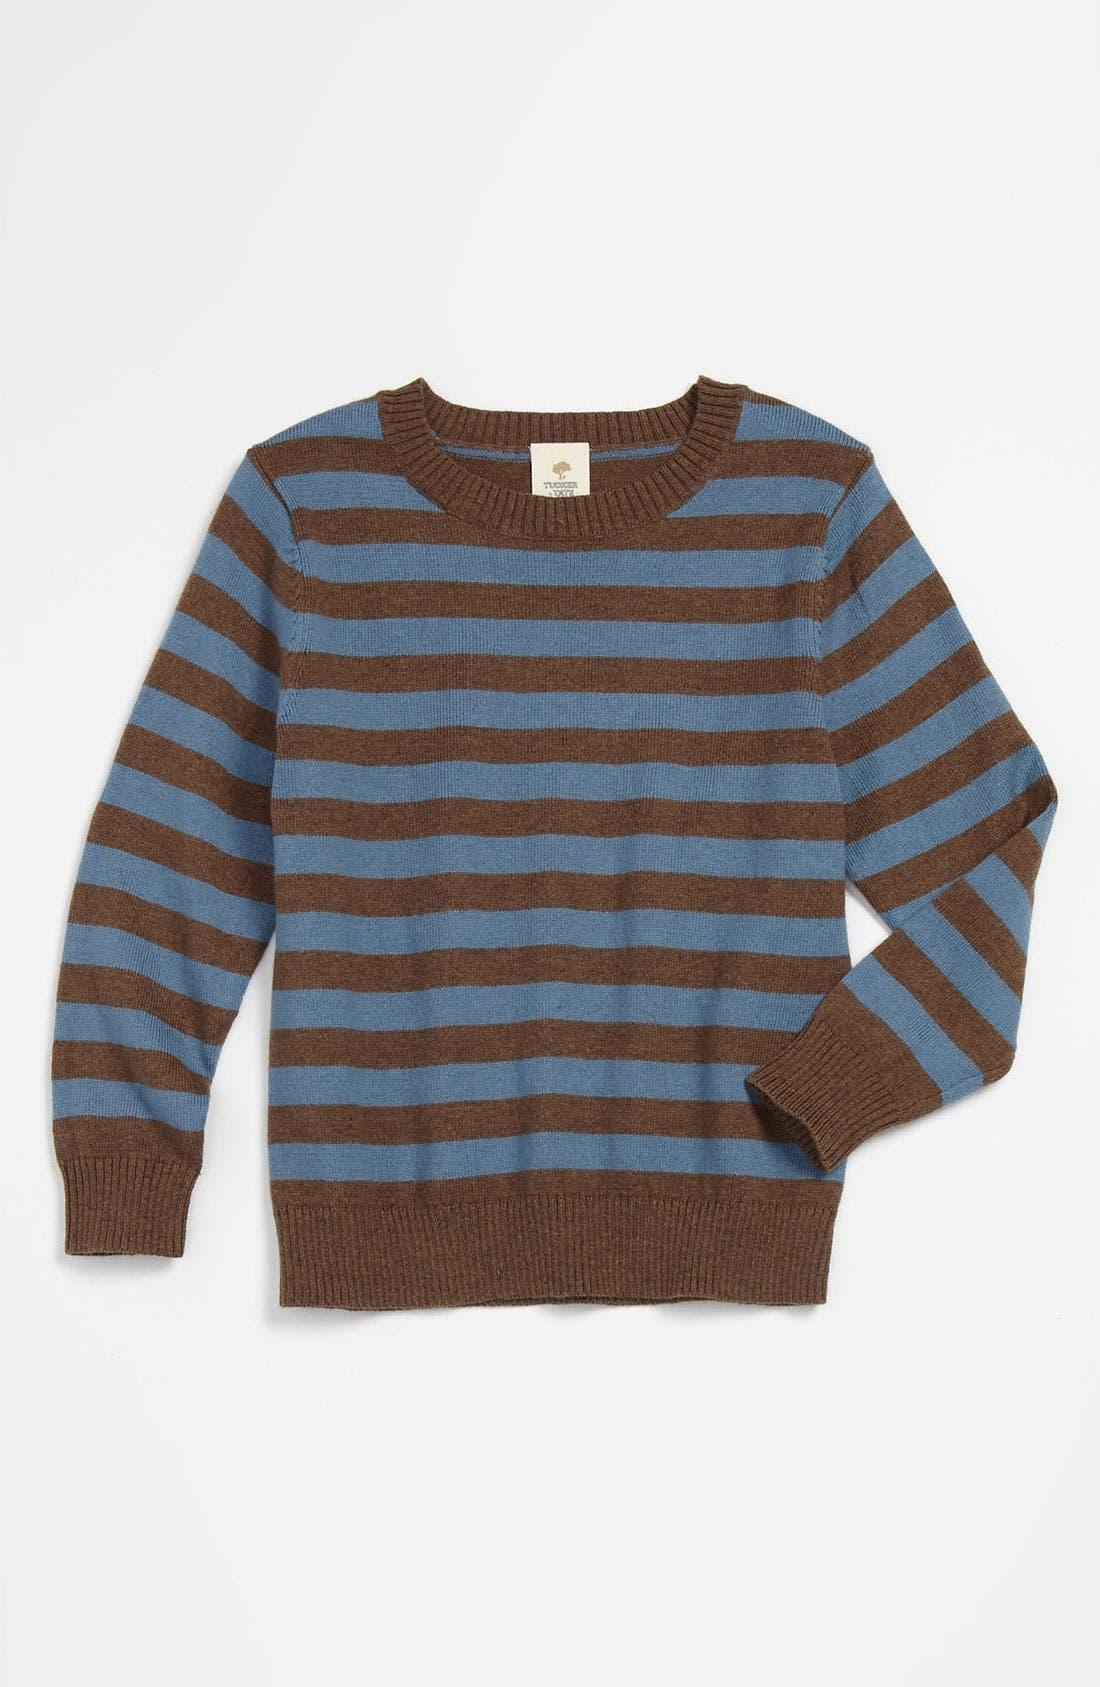 Main Image - Tucker + Tate 'James' Sweater (Toddler)